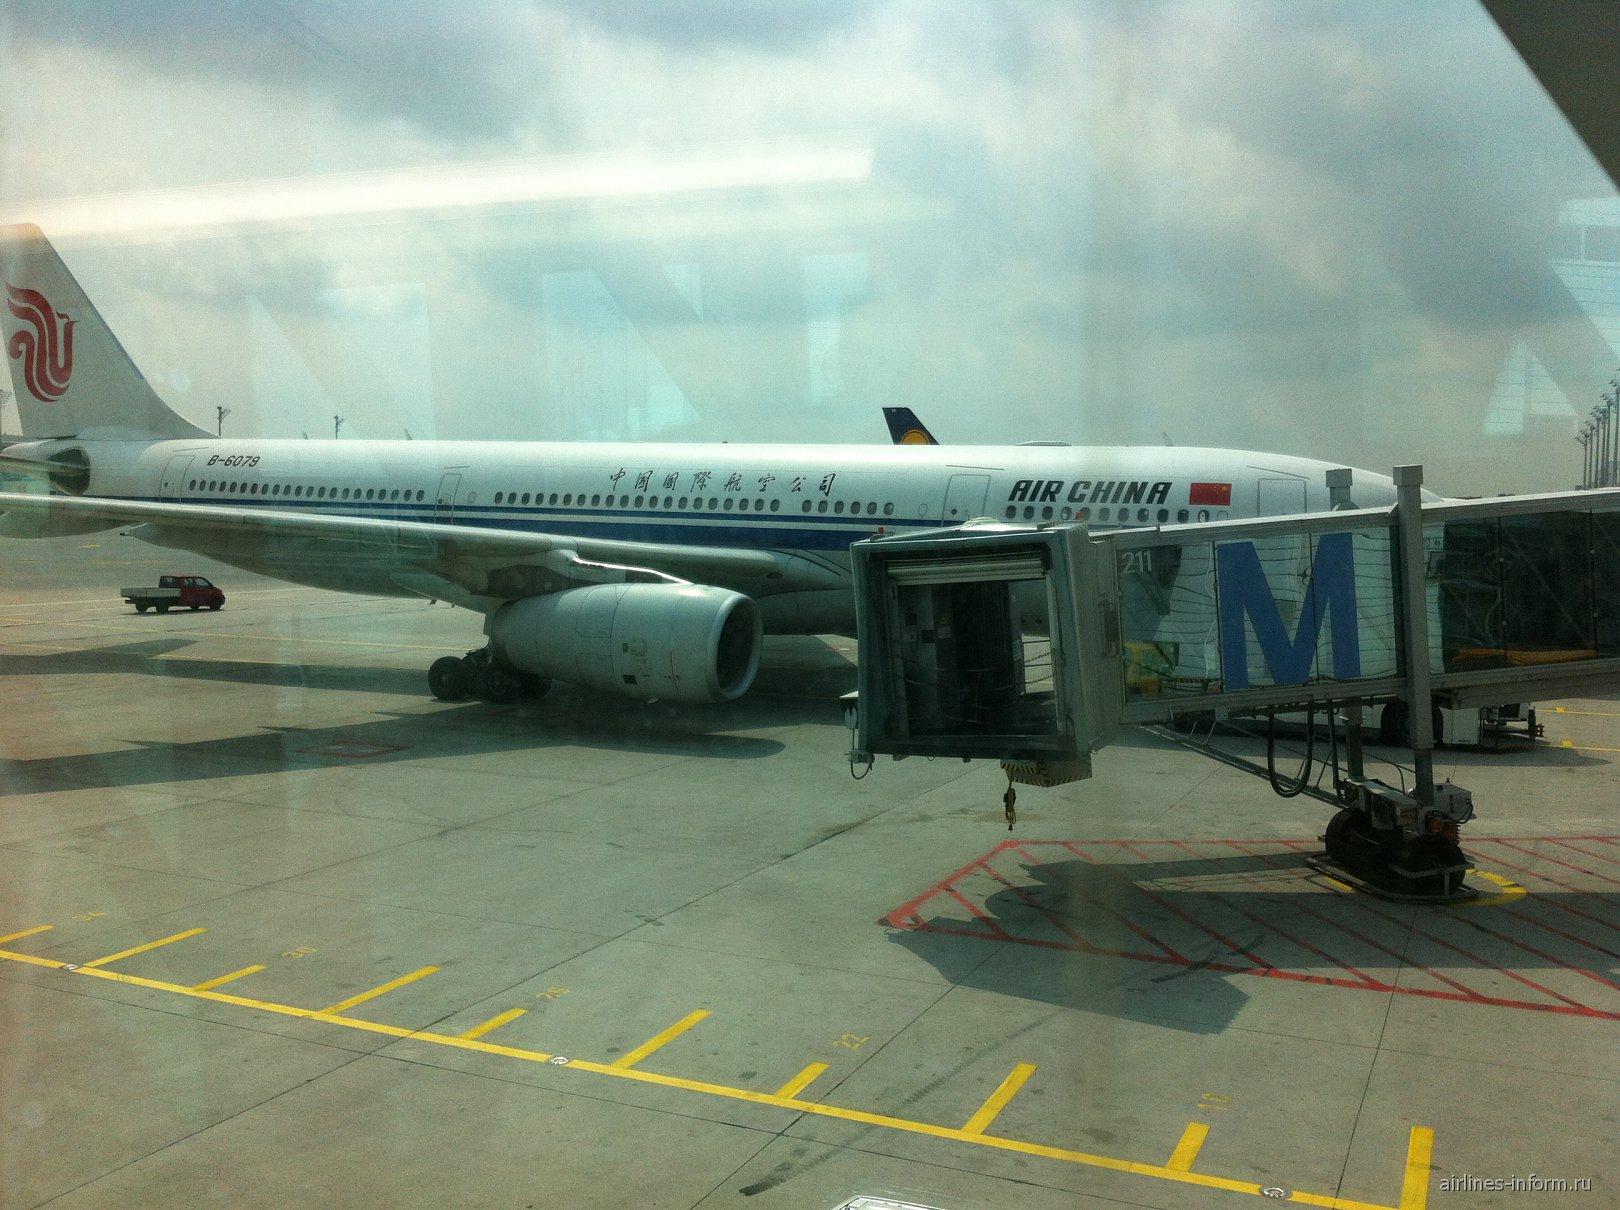 A332 Air China